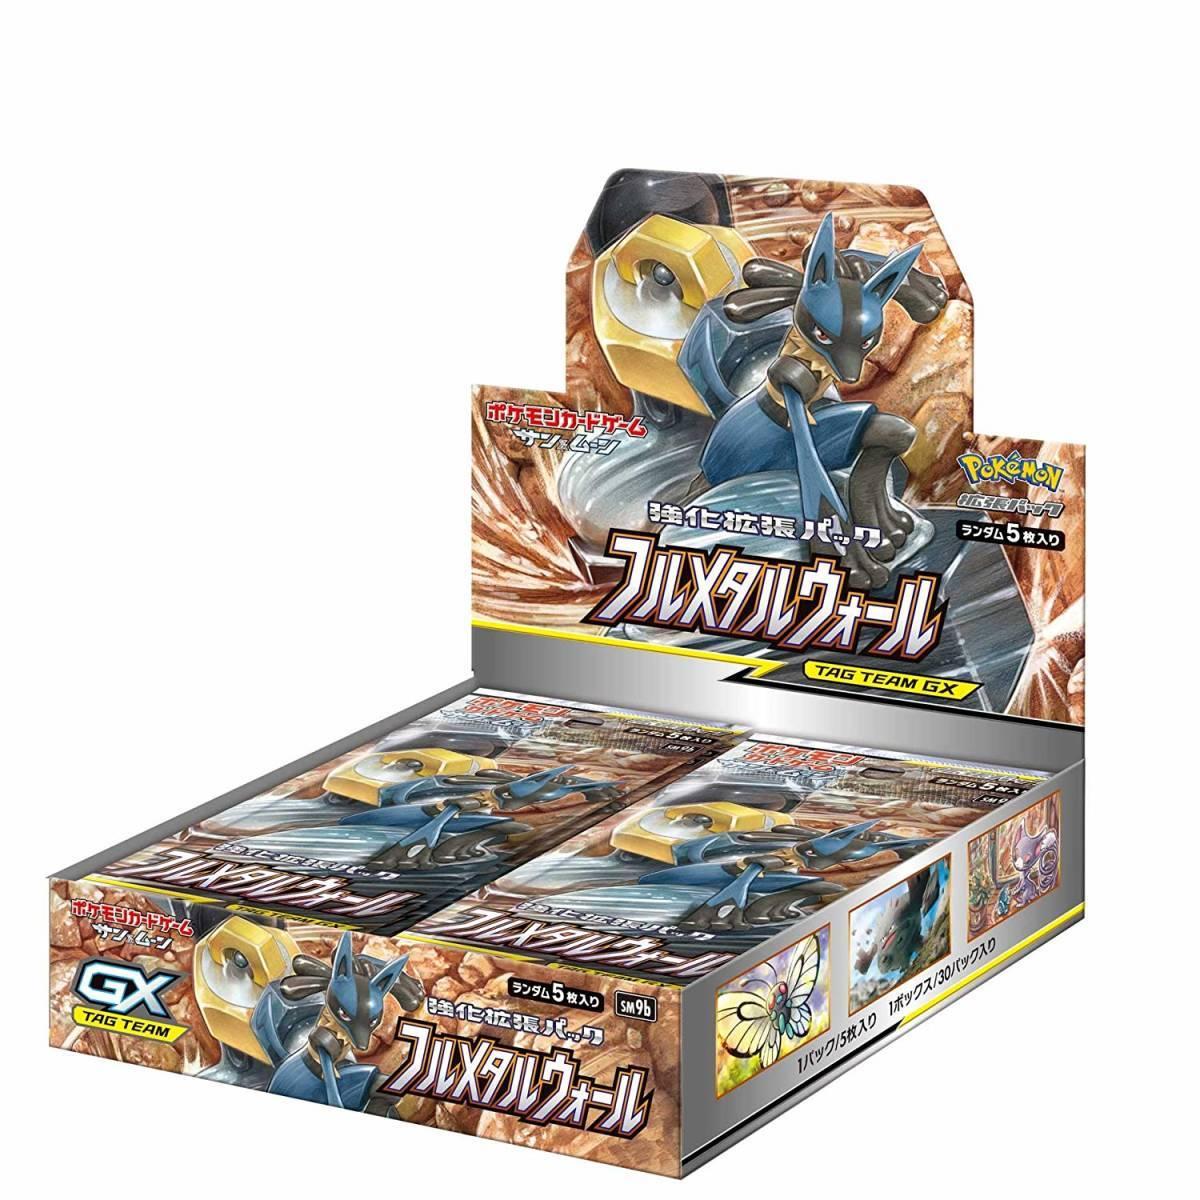 【先行販売】ポケモンカードゲーム サン&ムーン 強化拡張パック「フルメタルウォール」 BOX 2箱